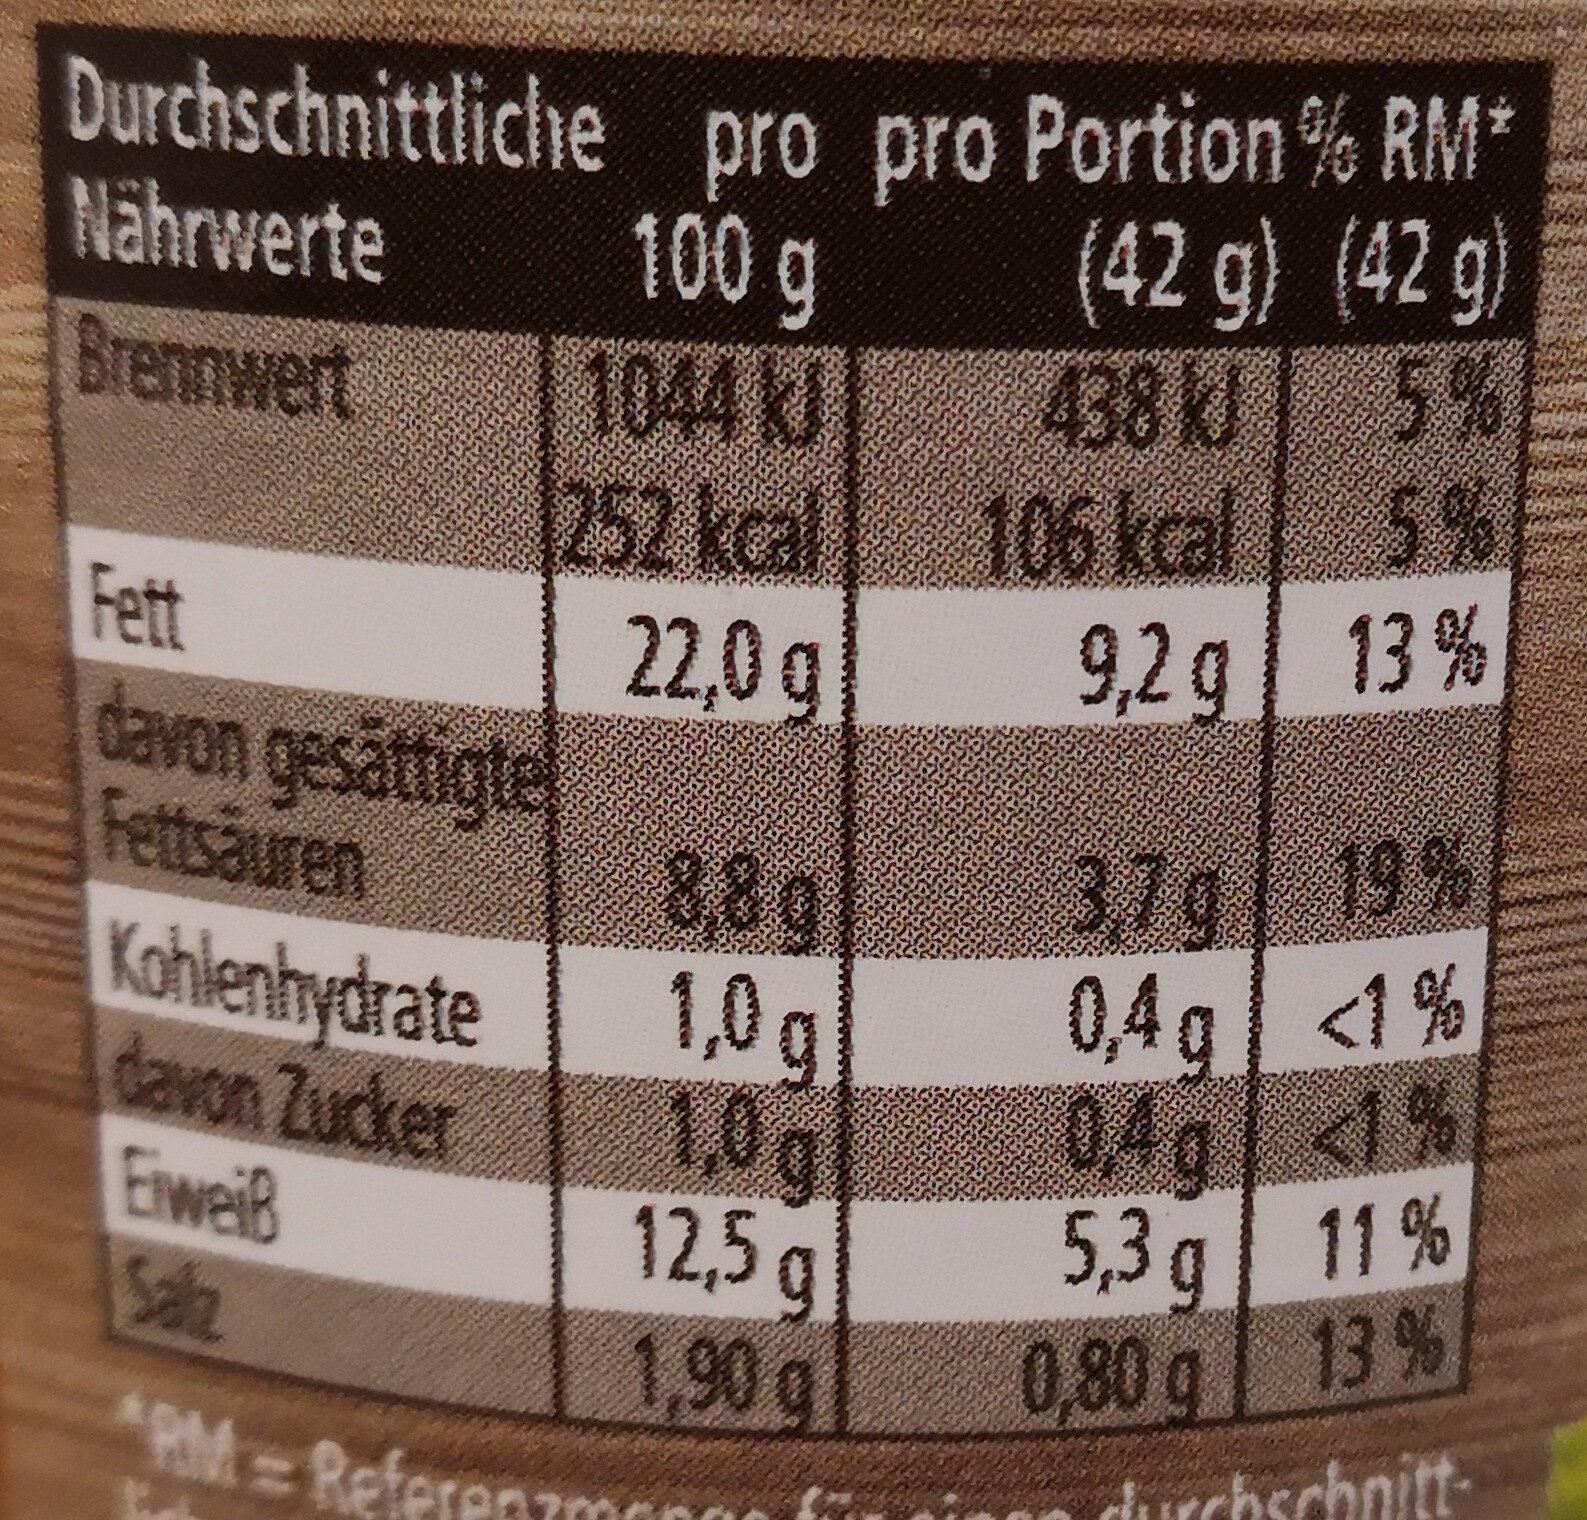 Bauernküche Wiener extra knackig - Nährwertangaben